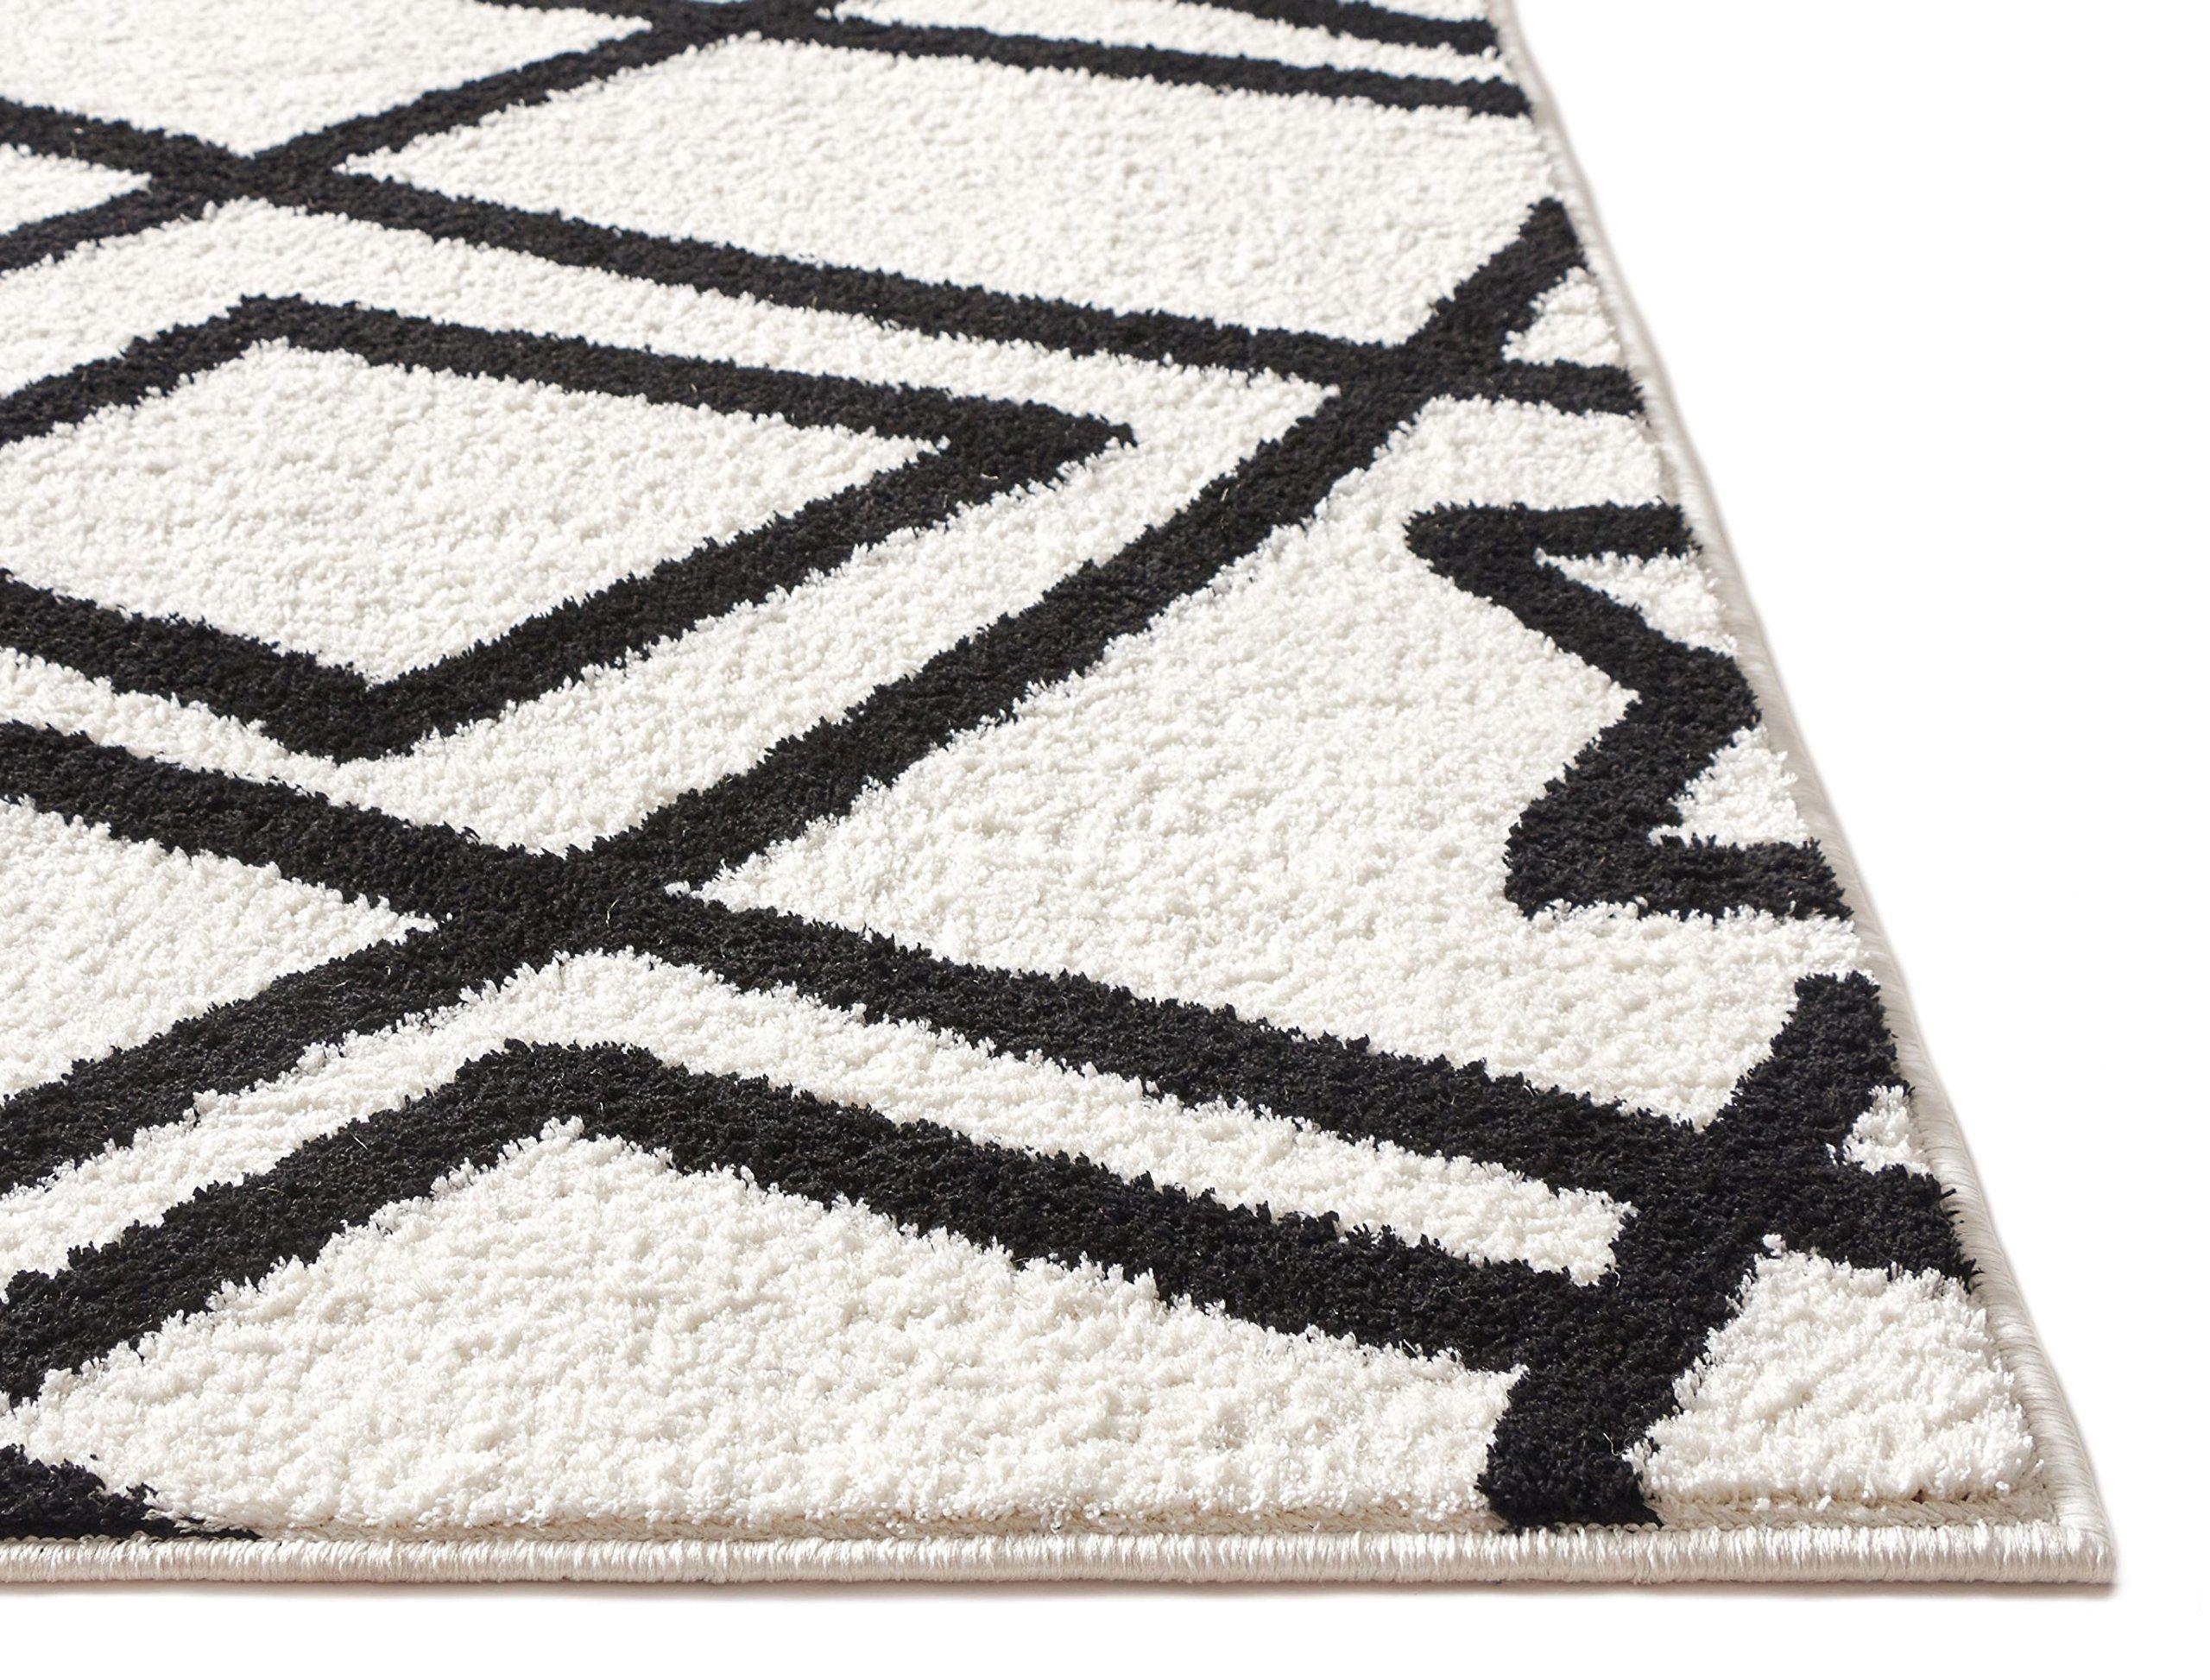 Mara Beni Ourain Black And White Modern Moroccan Trellis